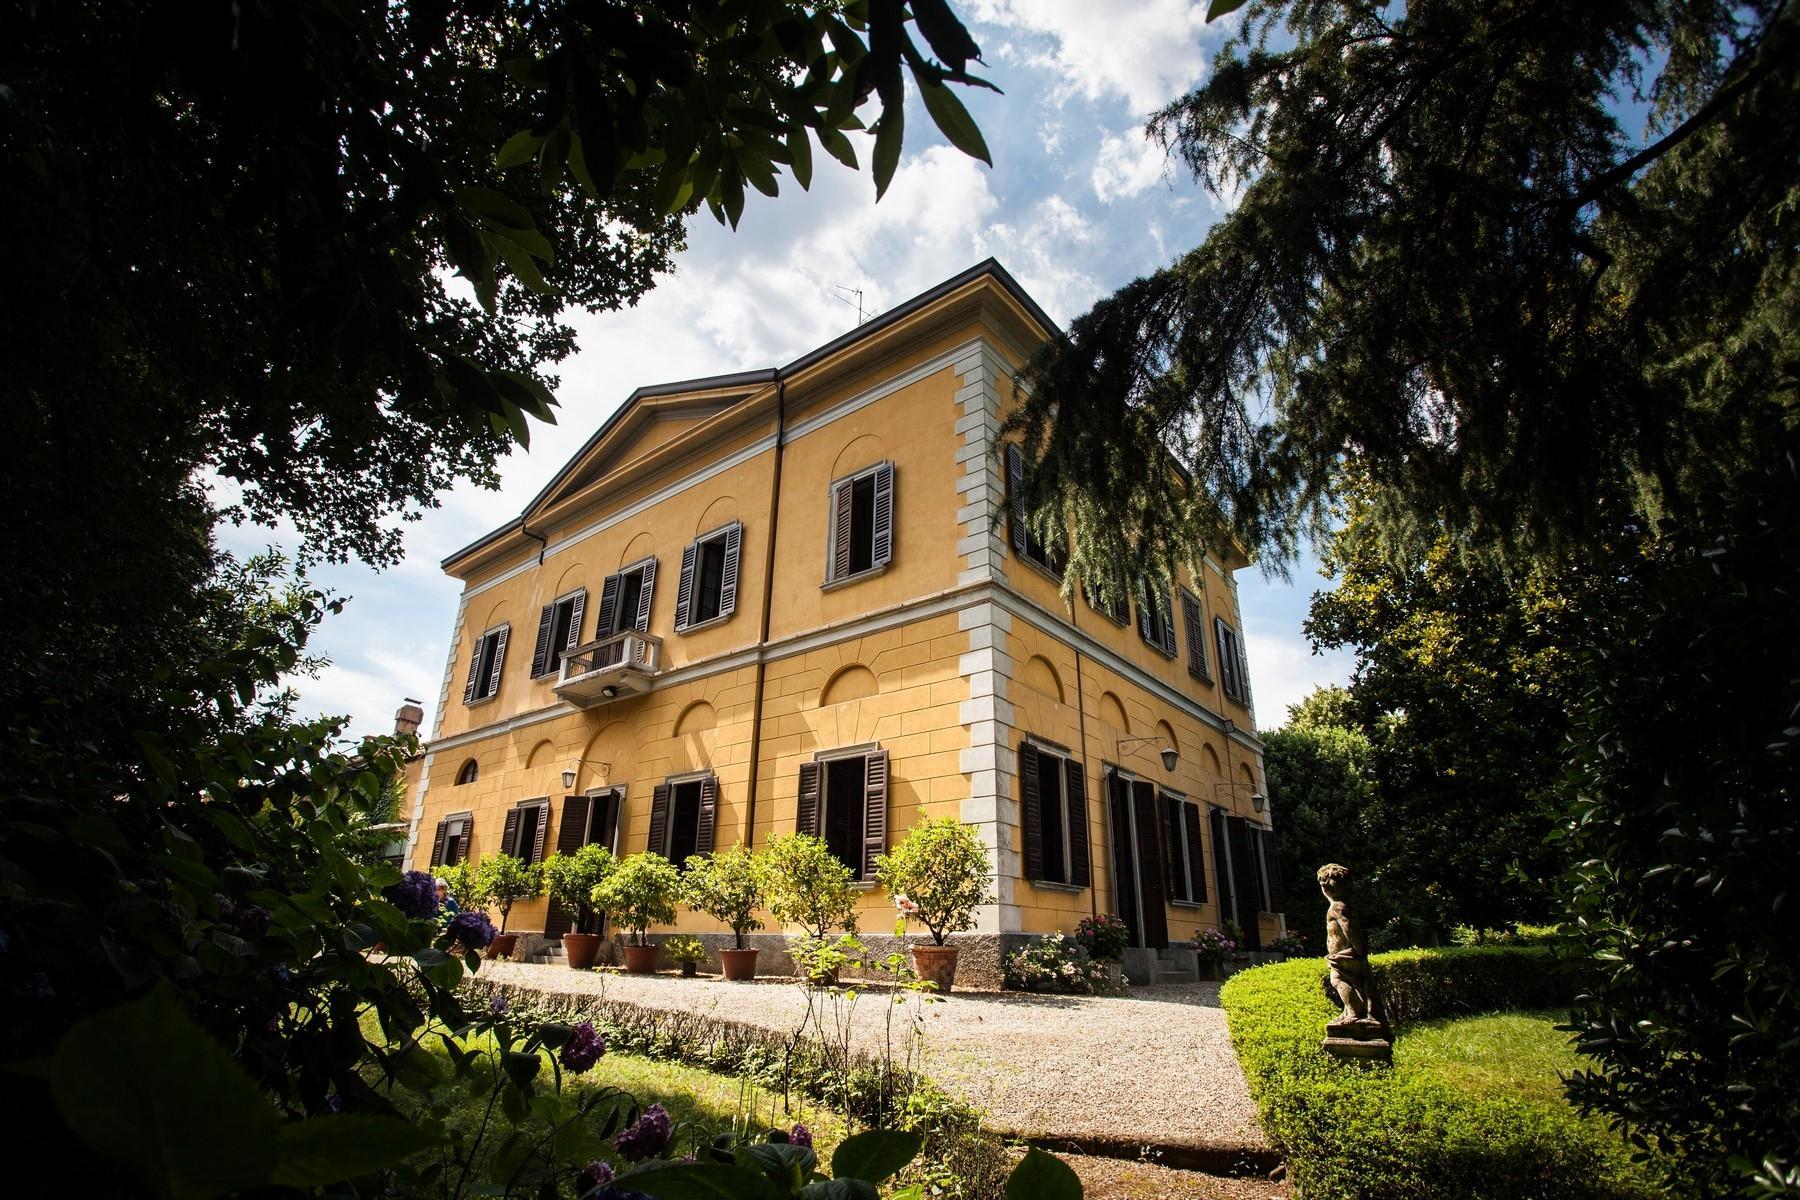 Elégante villa historique dans un parc botanique - 1